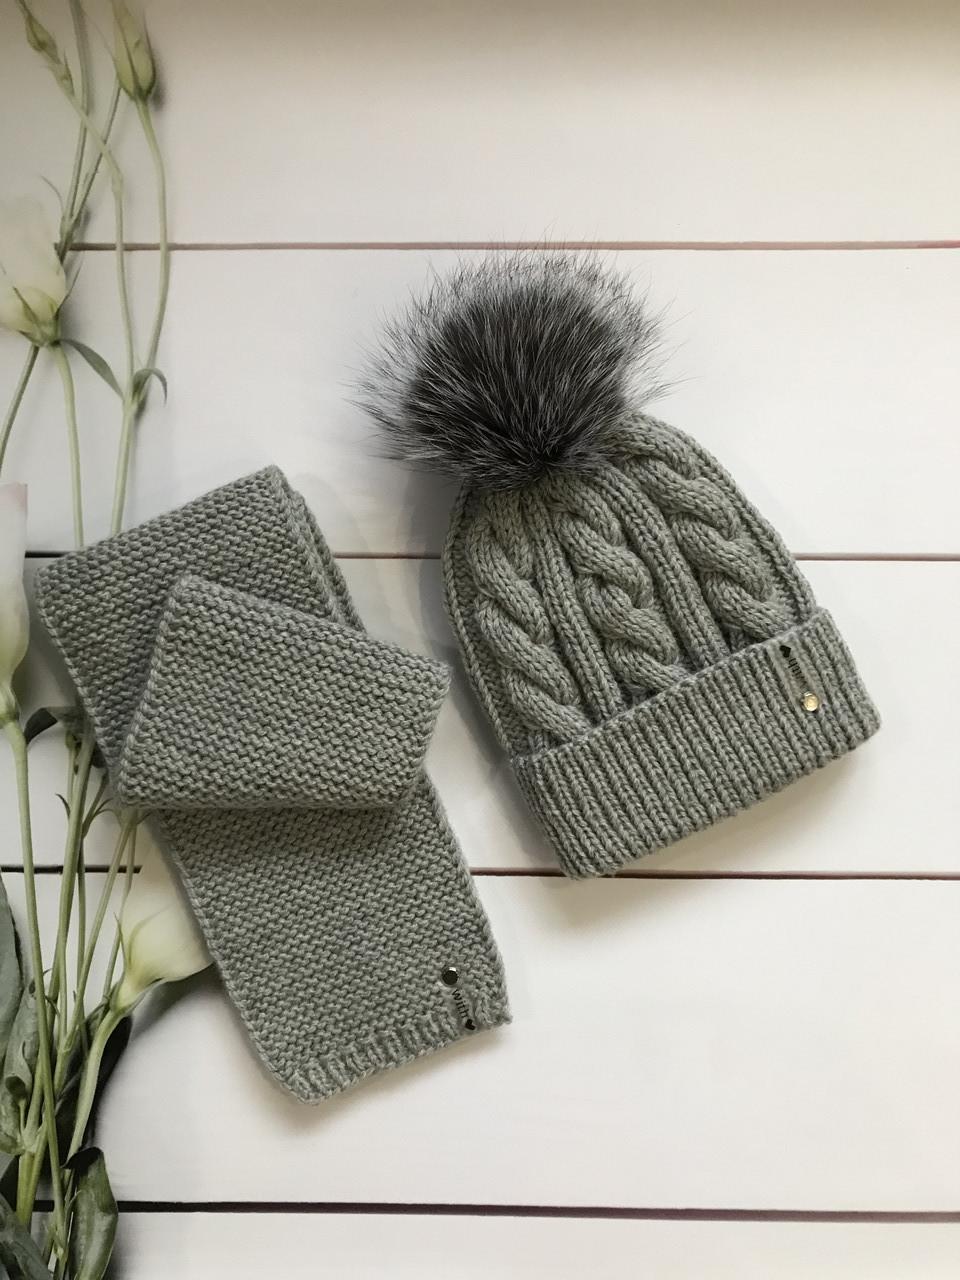 Зимний вязаный тёплый набор шапочка и шарф с натуральным меховым бубоном ручной работы для мальчика и девочки.